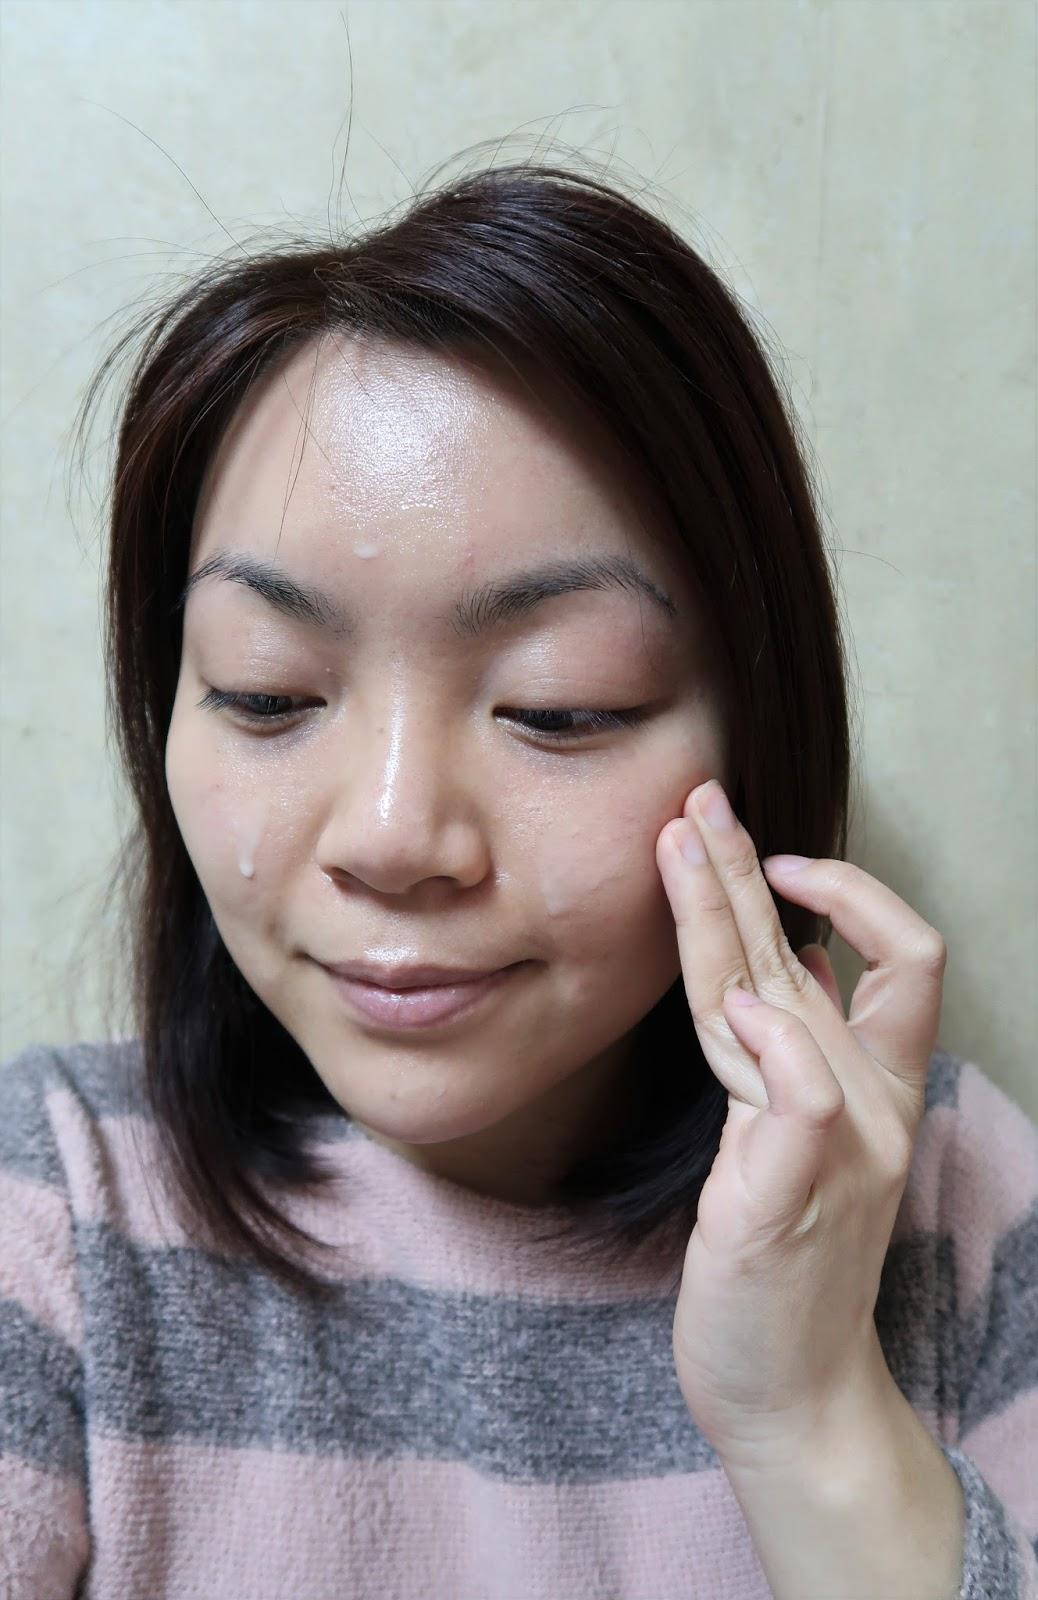 高效抗皺的秘訣-Eucerin小銀彈 | jobeauty – U Blog 博客